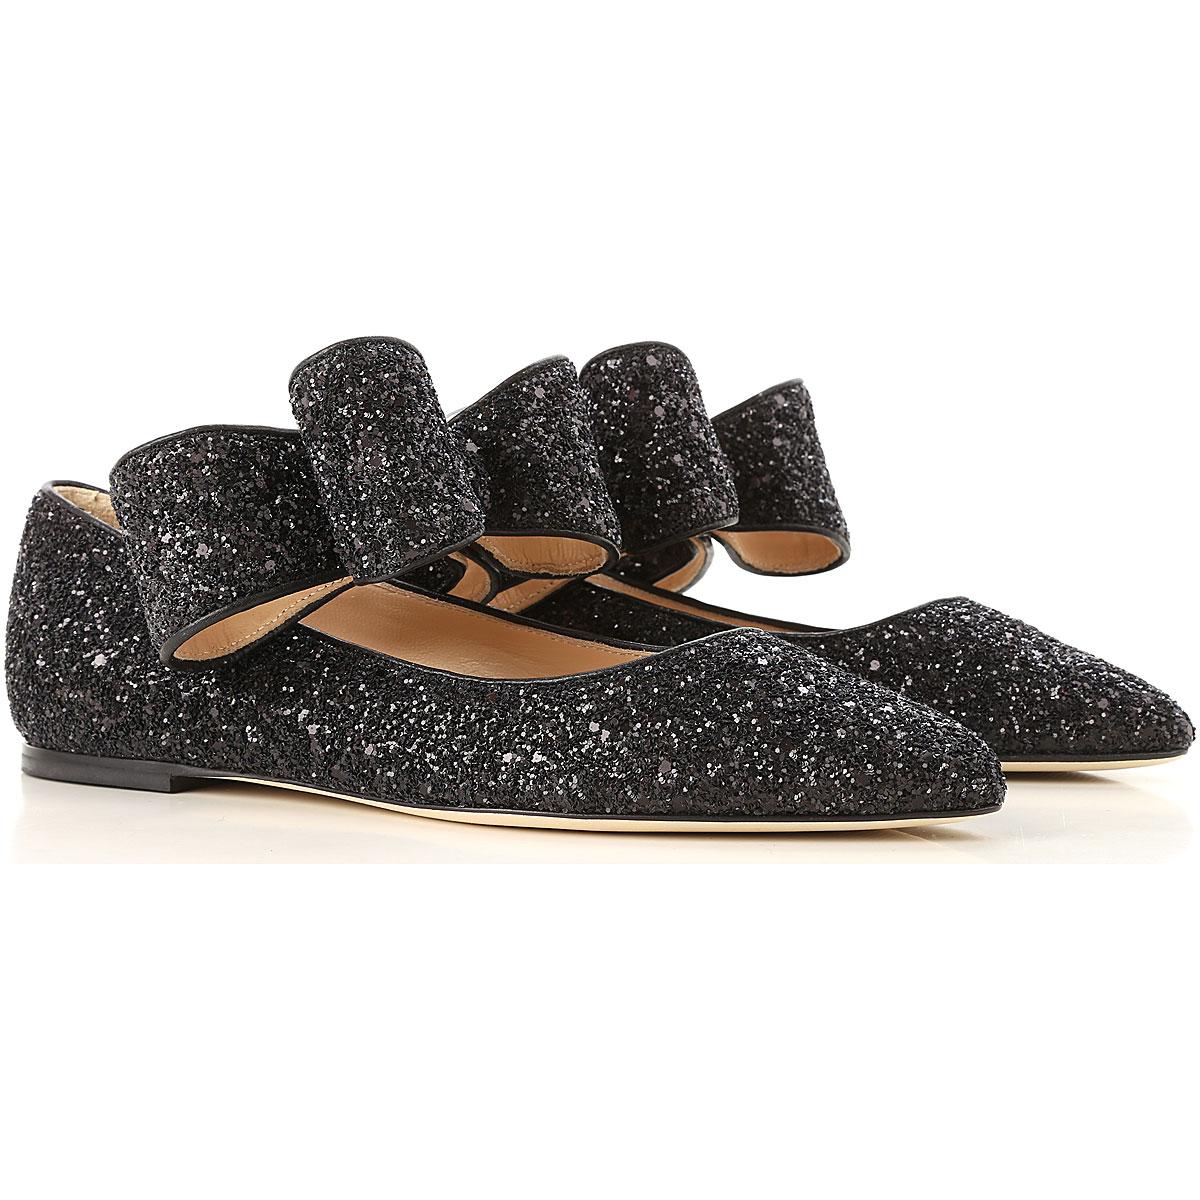 Image of Polly Plume Ballet Flats Ballerina Shoes for Women, Black, Glitter, 2017, 10 5 6 7 8 9